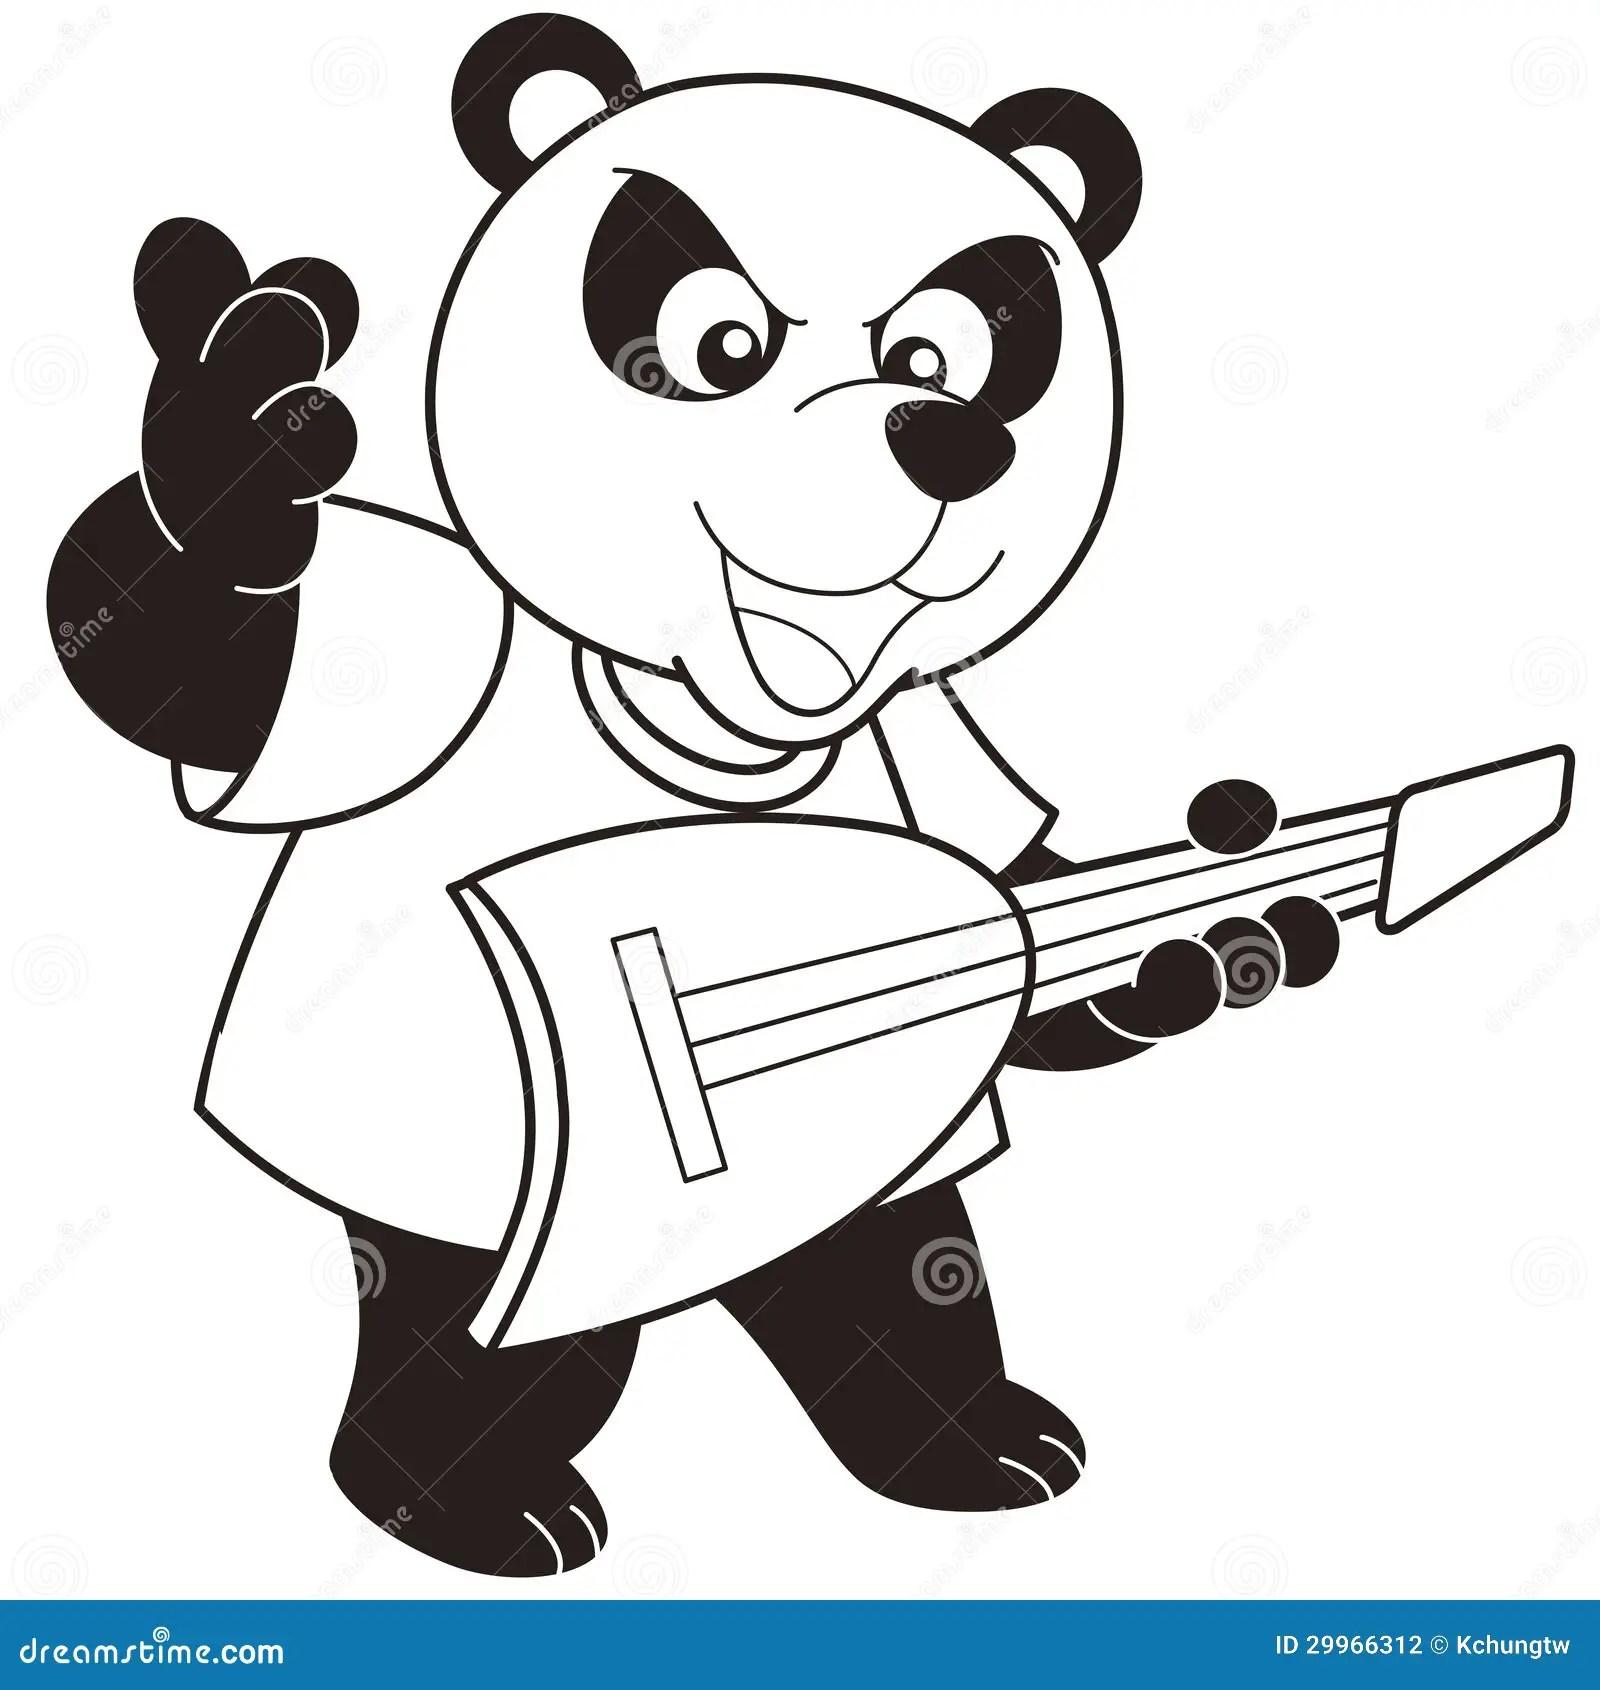 Cartoon Panda Playing An Electric Guitar Stock Vector